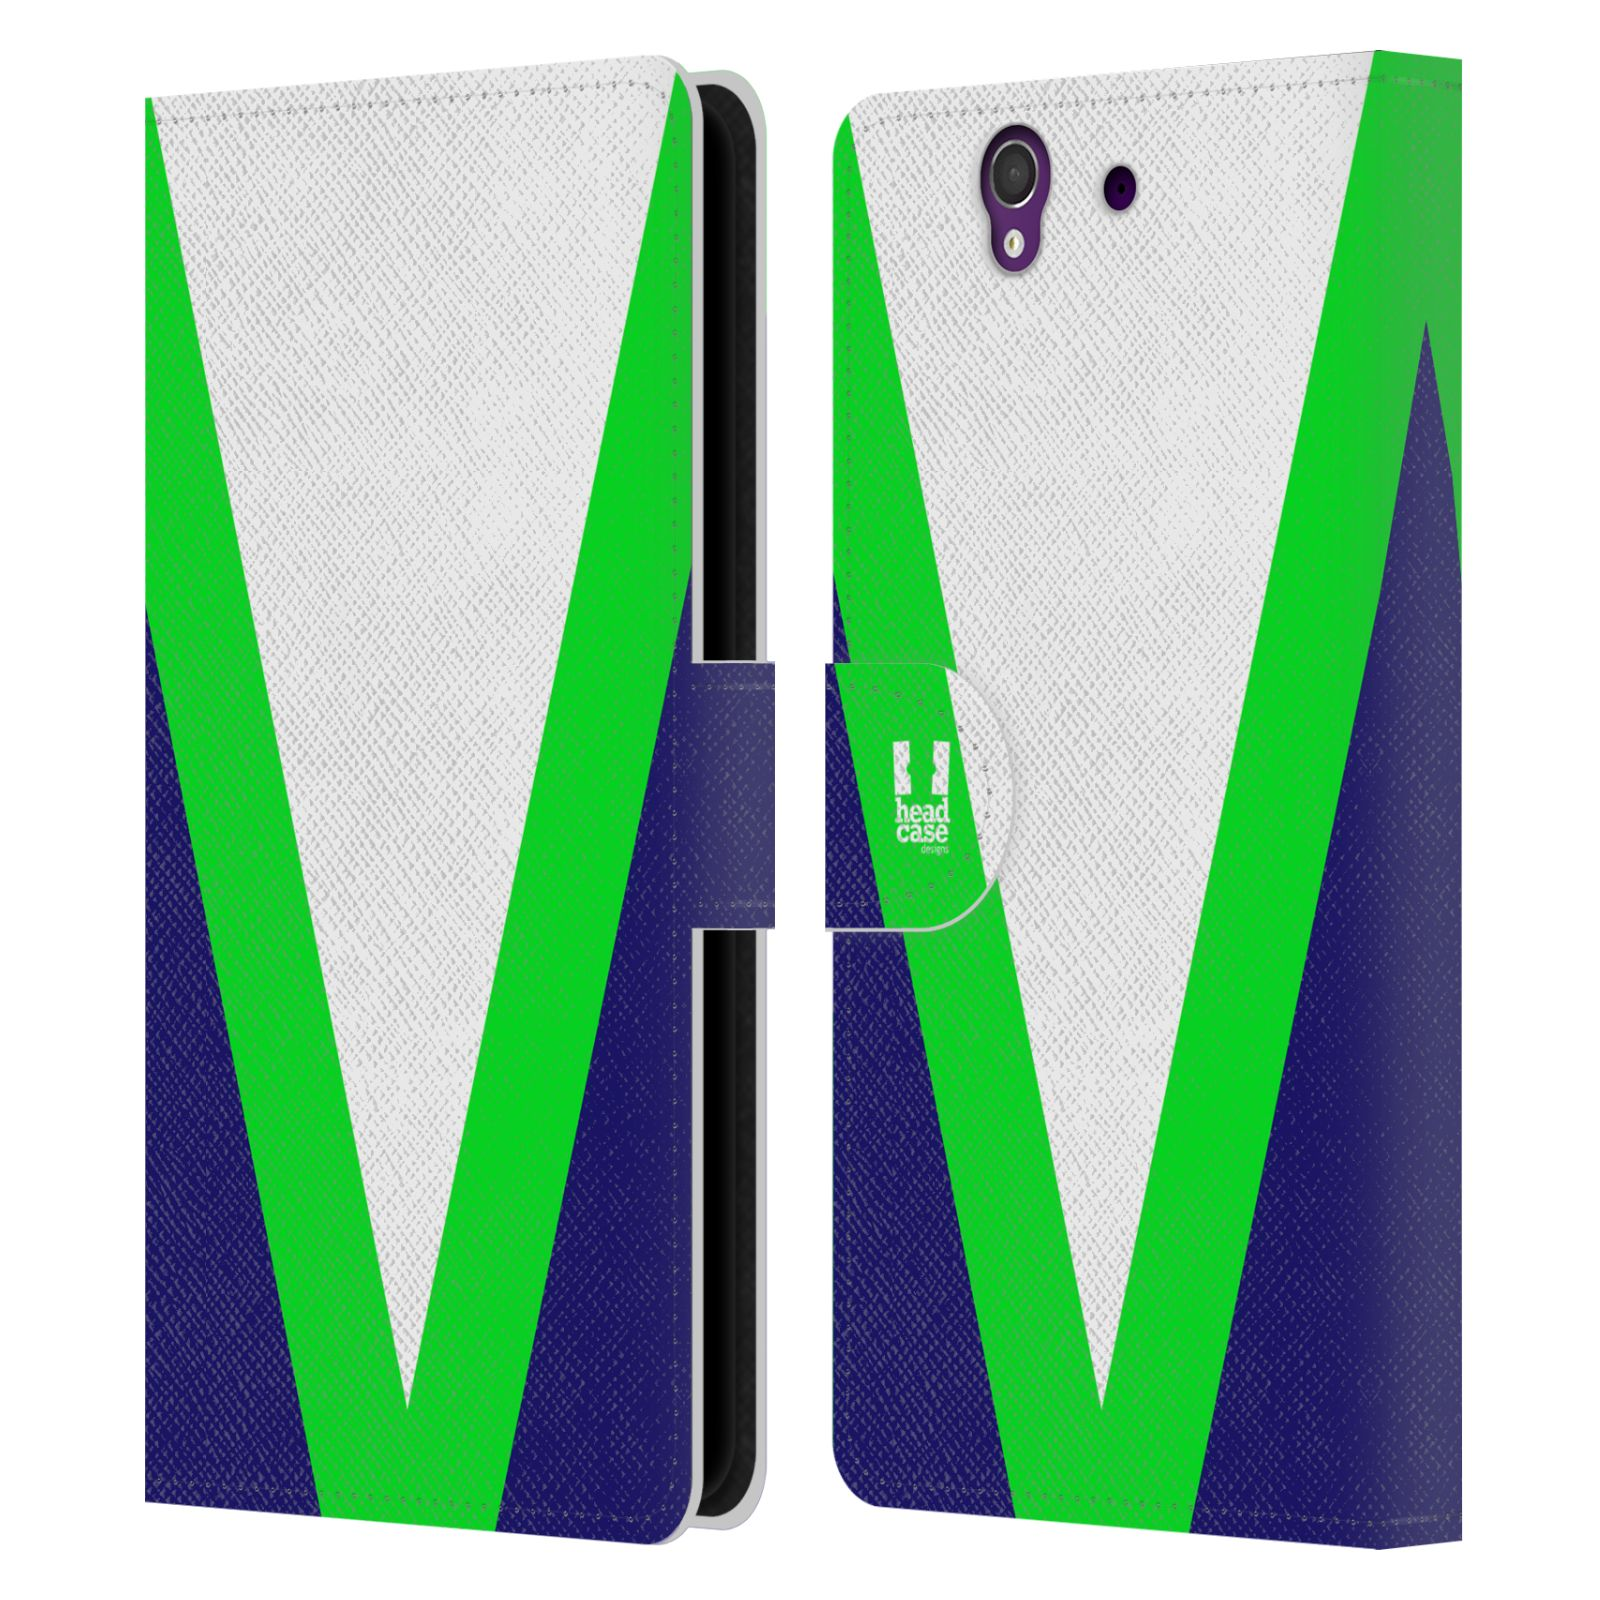 HEAD CASE Flipové pouzdro pro mobil SONY Xperia Z barevné tvary zelená a modrá